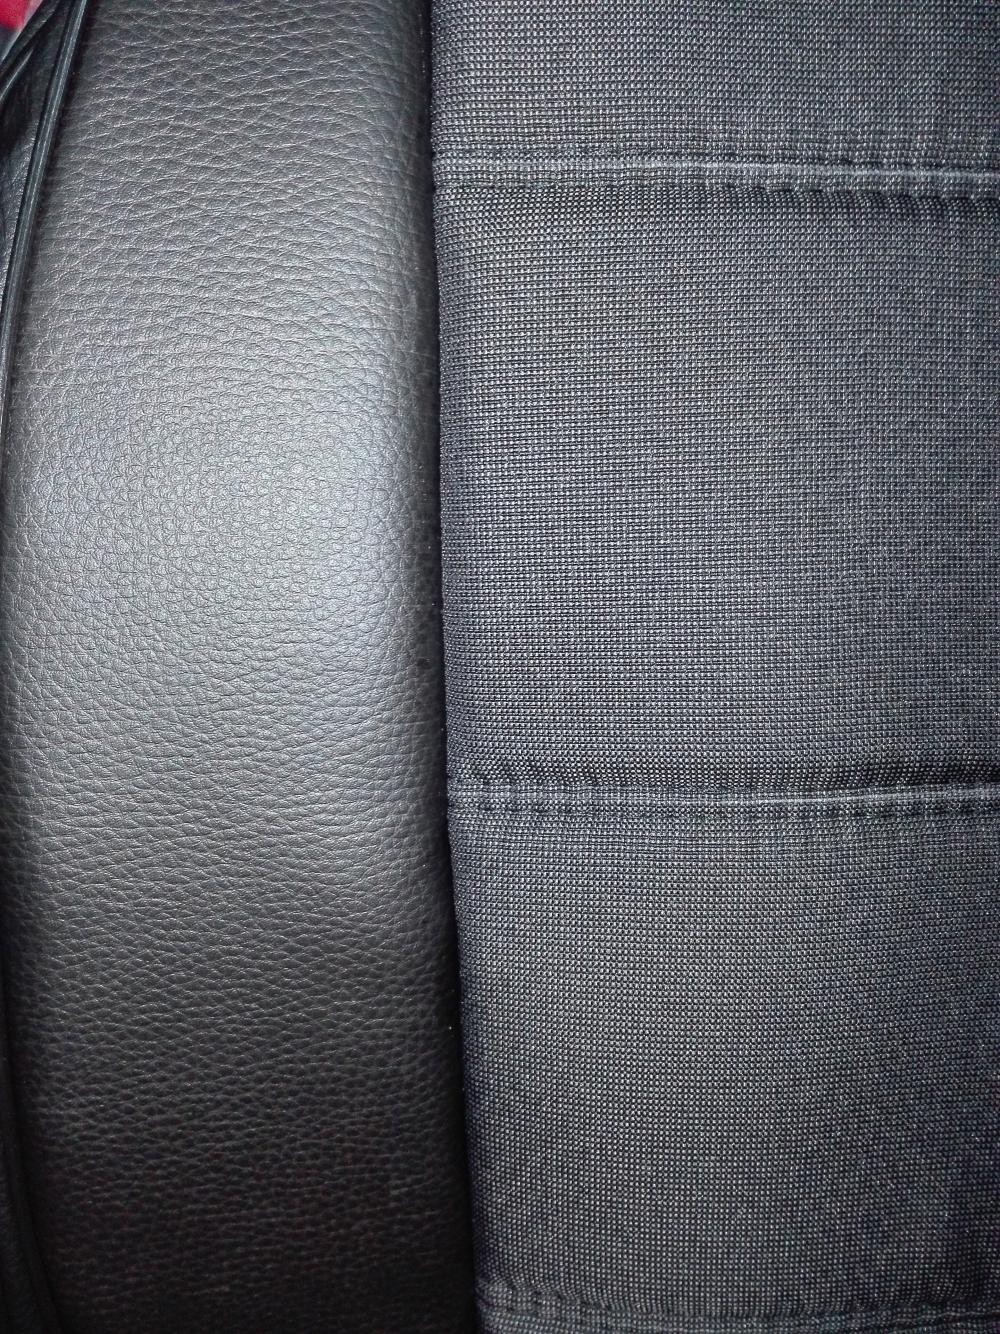 Чехлы на сидения комбинированные  - 9